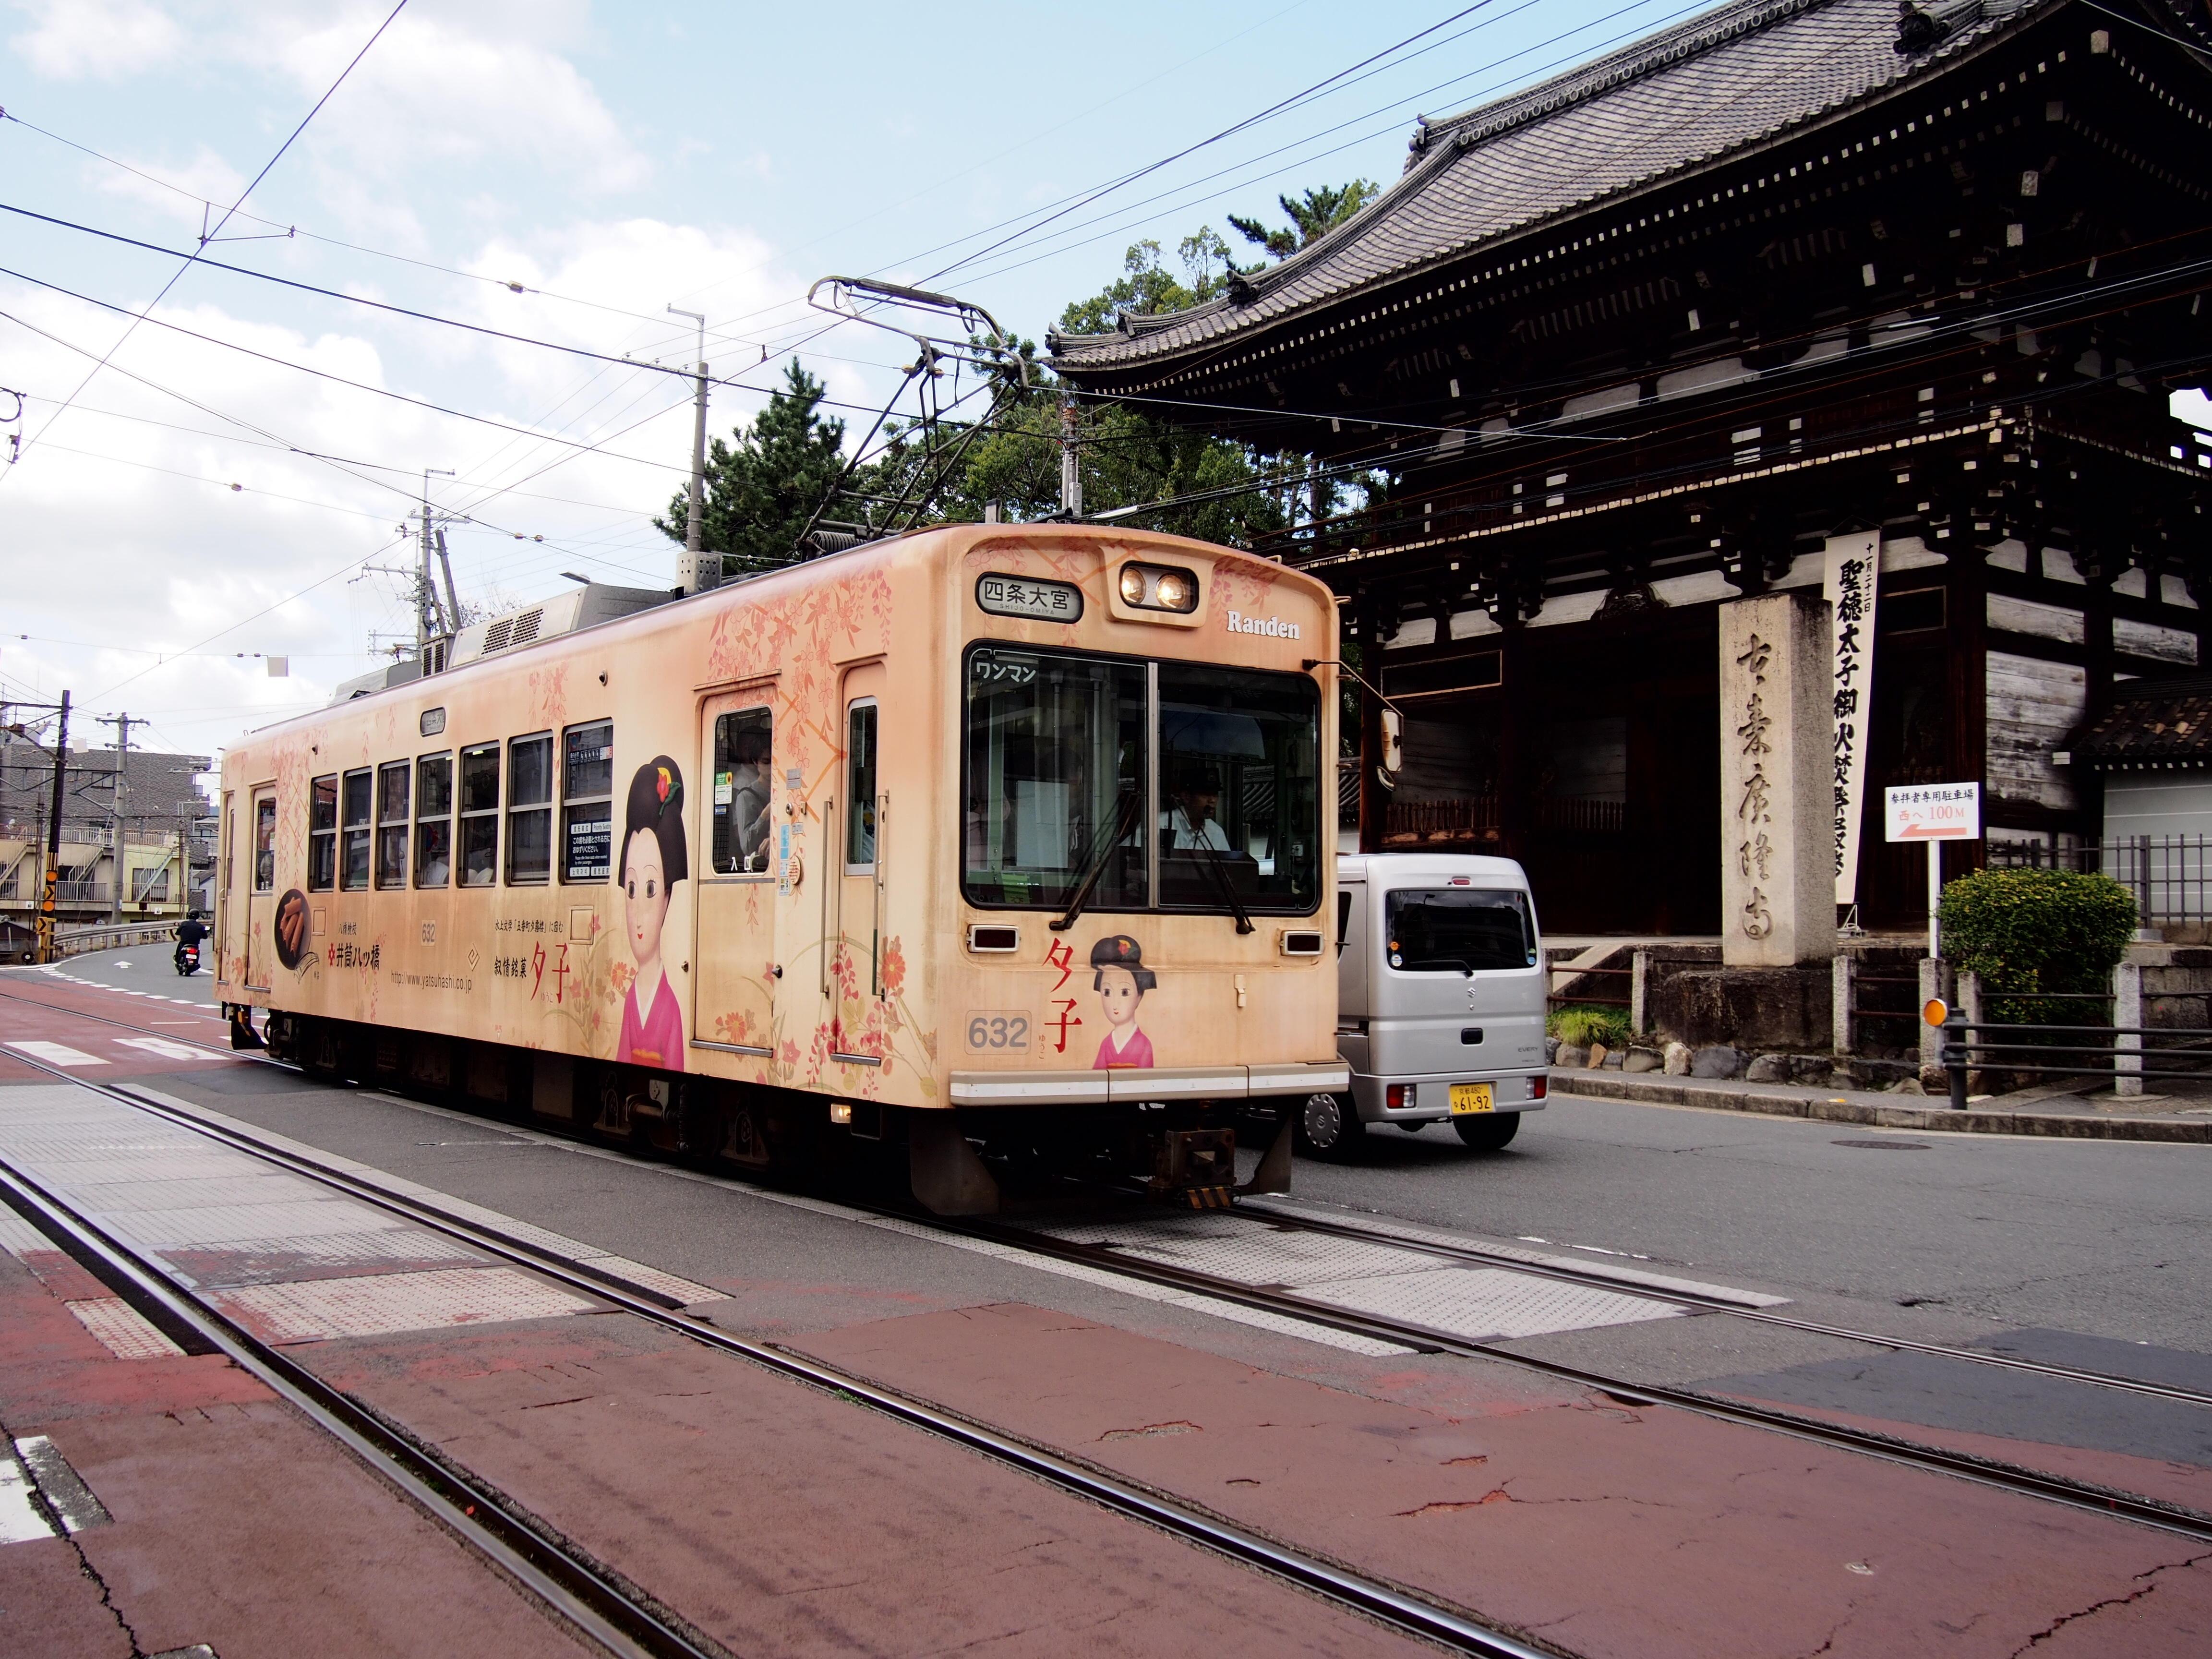 「日本一長い駅名」変遷の事情 かつては「観光」強かったが...